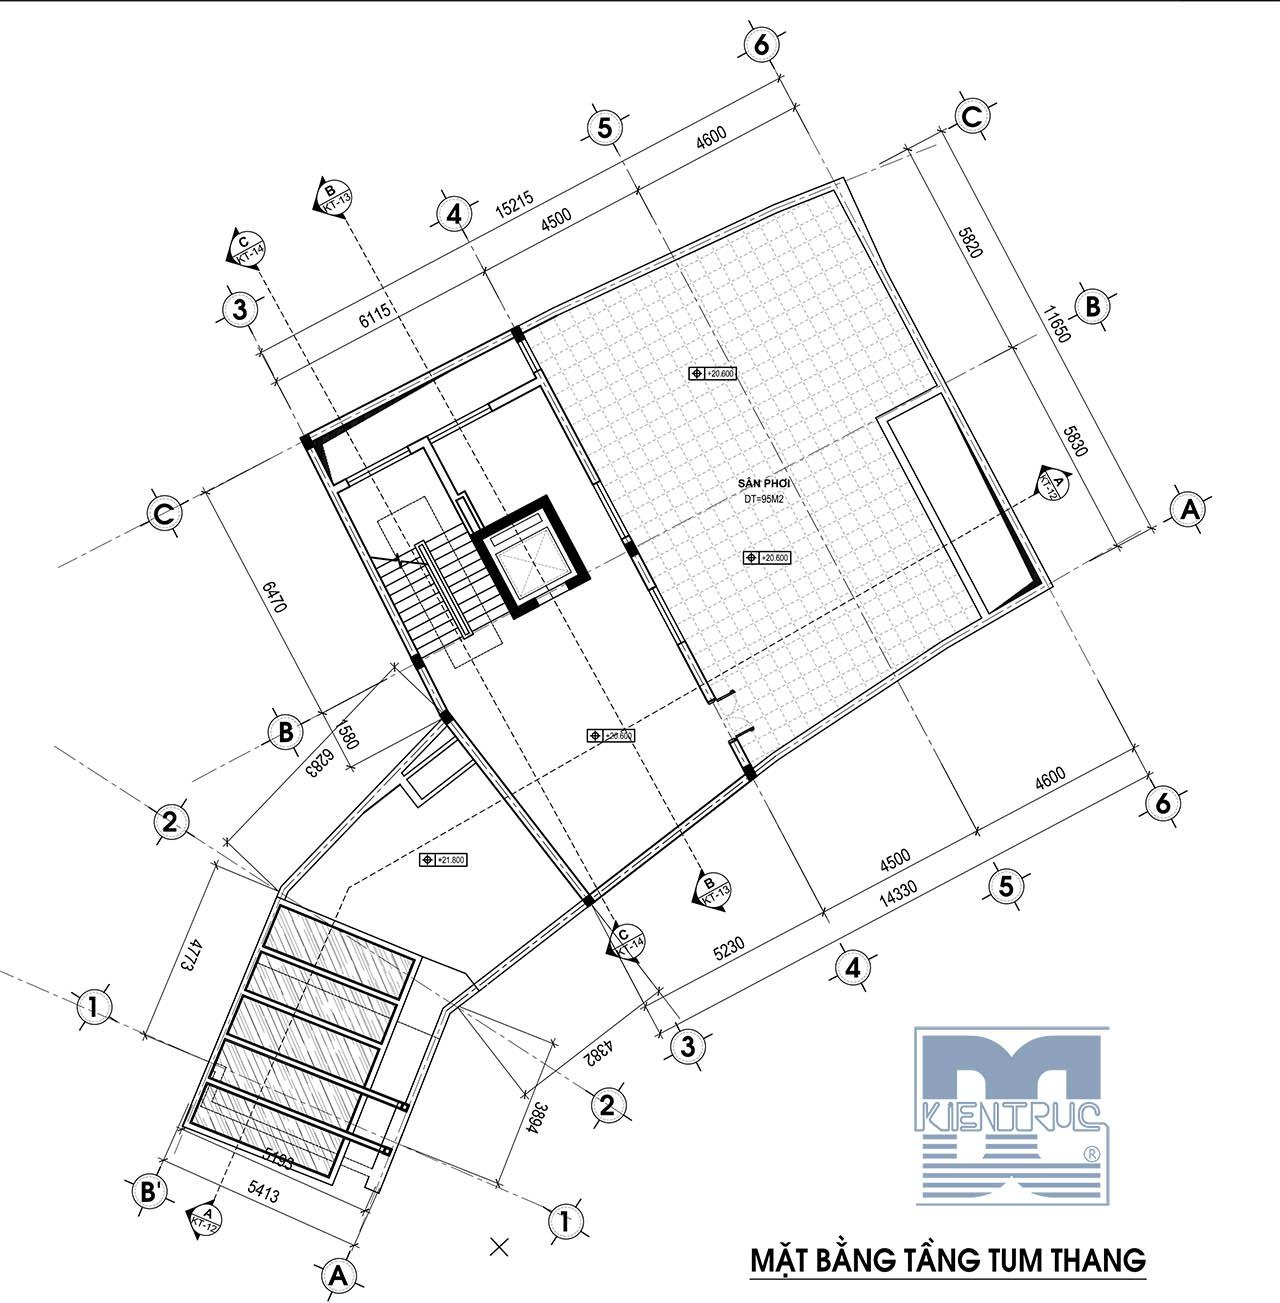 Thiết kế kiến trúc, Thiết kế nhà ở kết hợp kinh doanh